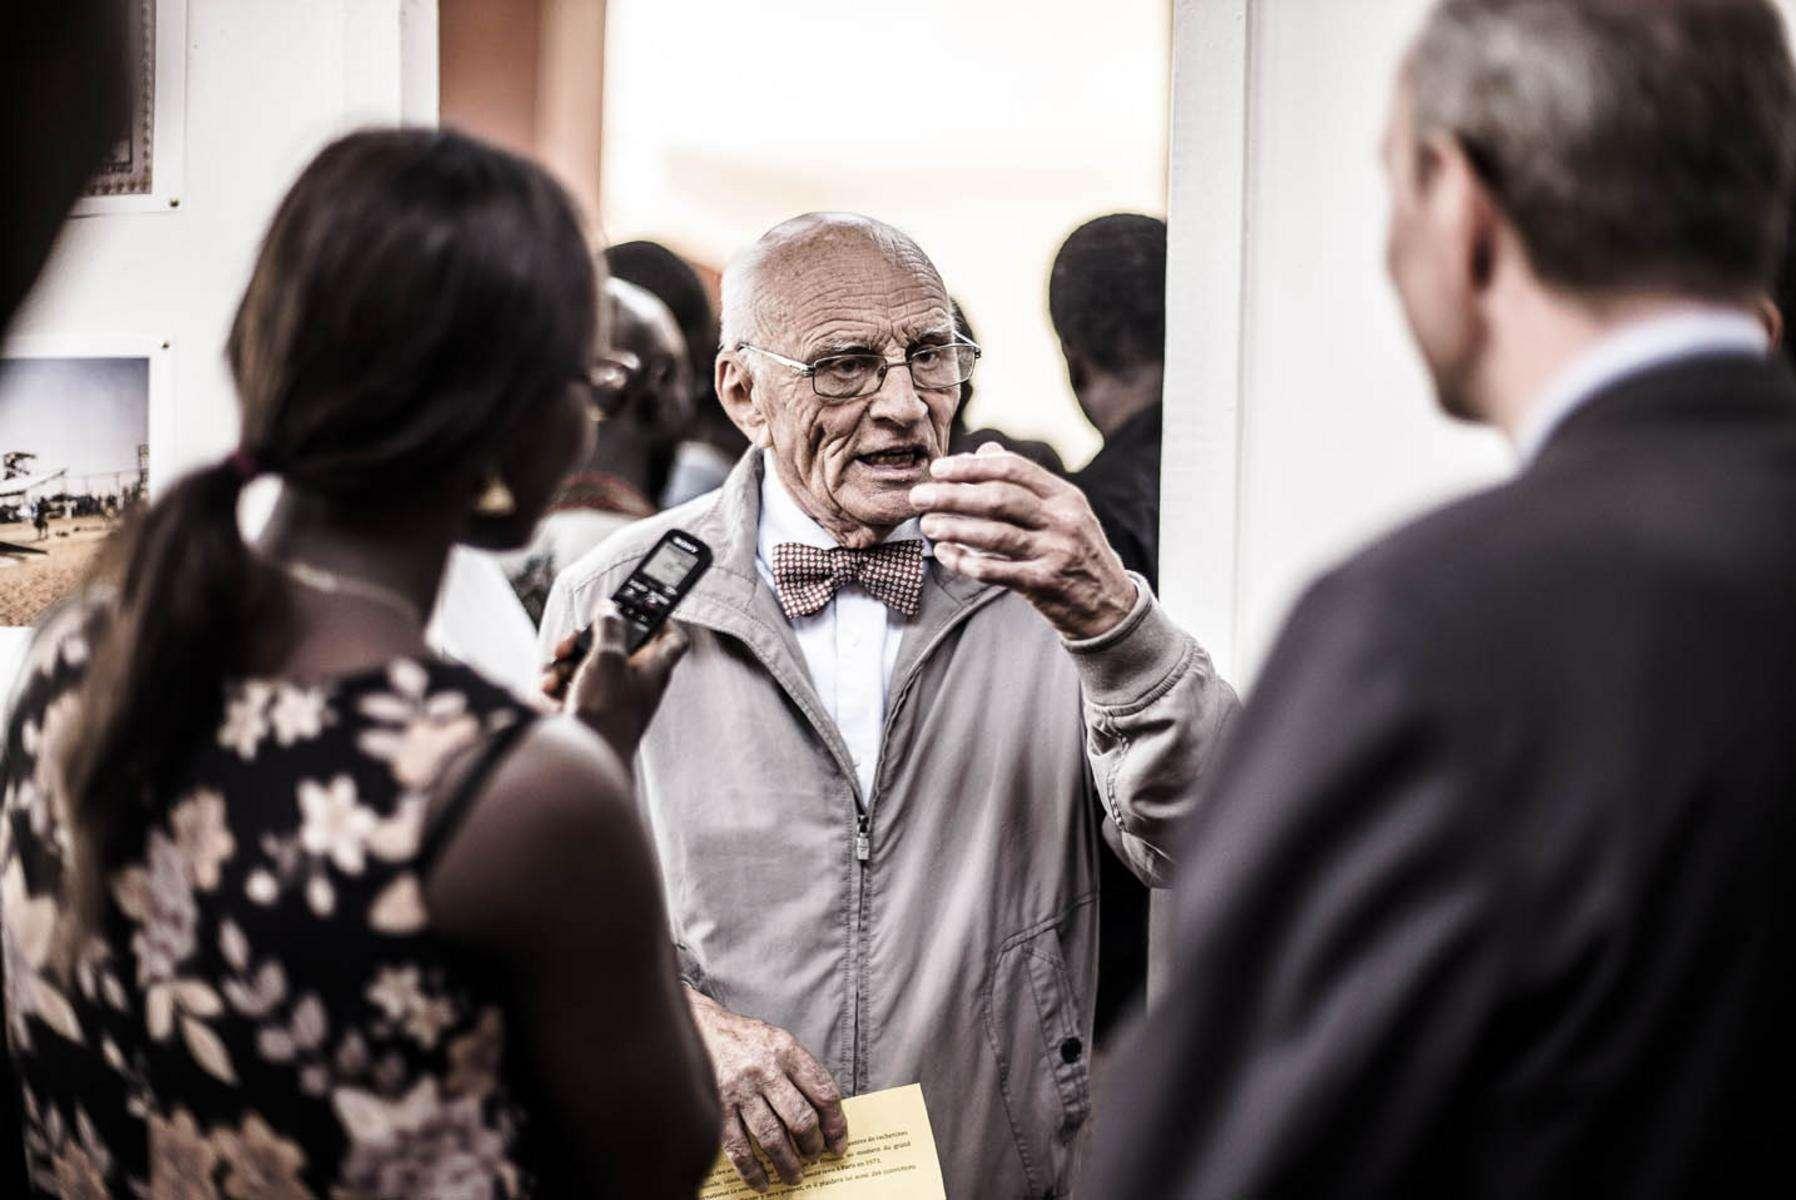 L'ingénieur et chef d'entreprise visionnaire Jean-Pierre Girardier, aujourd'hui 80 ans passés, a été pionnier de l'énergie solaire au Sénégal dans les années 1960 et 1970. En mai 2016, il s'est rendu aux Journées de rencontres sur l'énergie solaire à l'Université Cheick Anta Diop de Dakar pour rencontrer la jeune génération d'étudiants et retrouver la trace de ce qu'il avait entrepris.